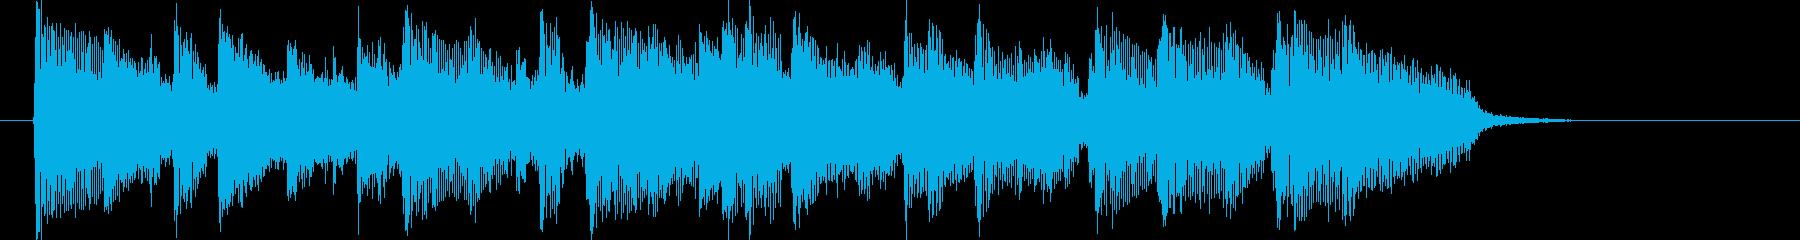 アコースティックバンドのポップなジングルの再生済みの波形